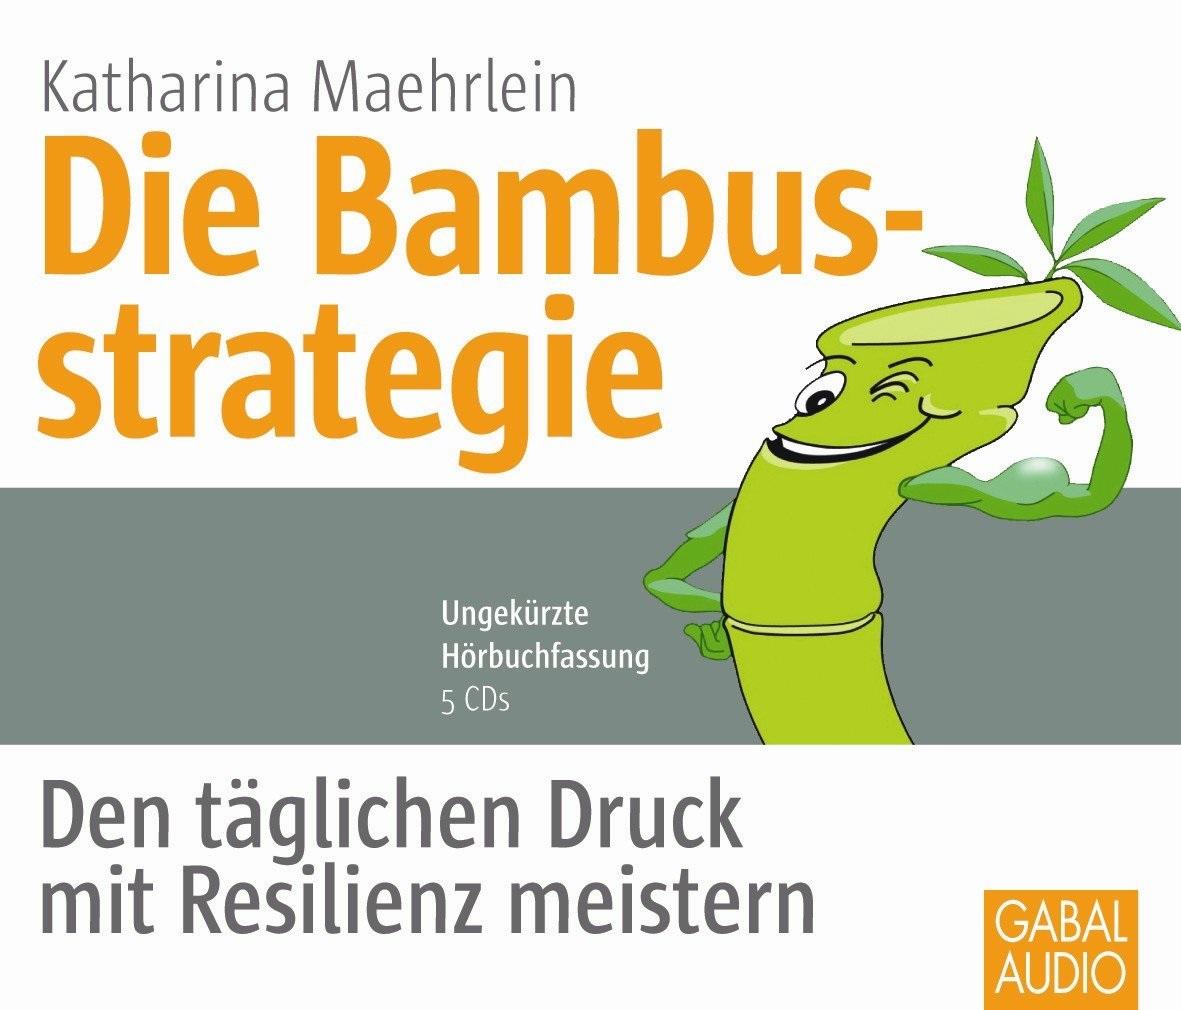 Die Bambusstrategie: Den täglichen Druck mit Resilienz meistern - Katharina Maehrlein [5 CDs]